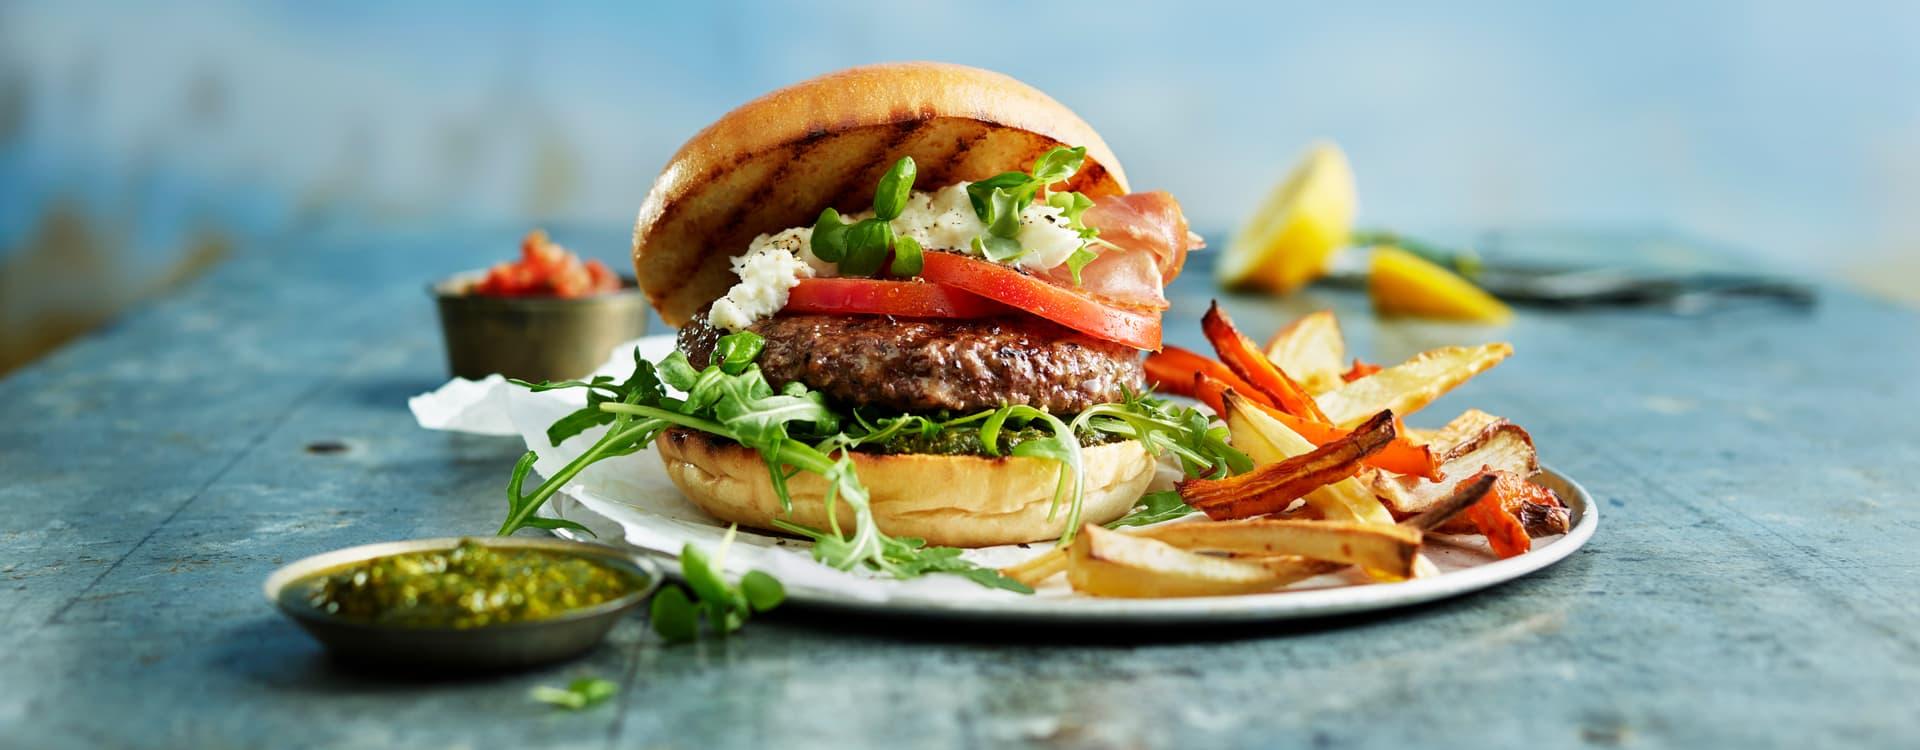 Beefburger, italian style